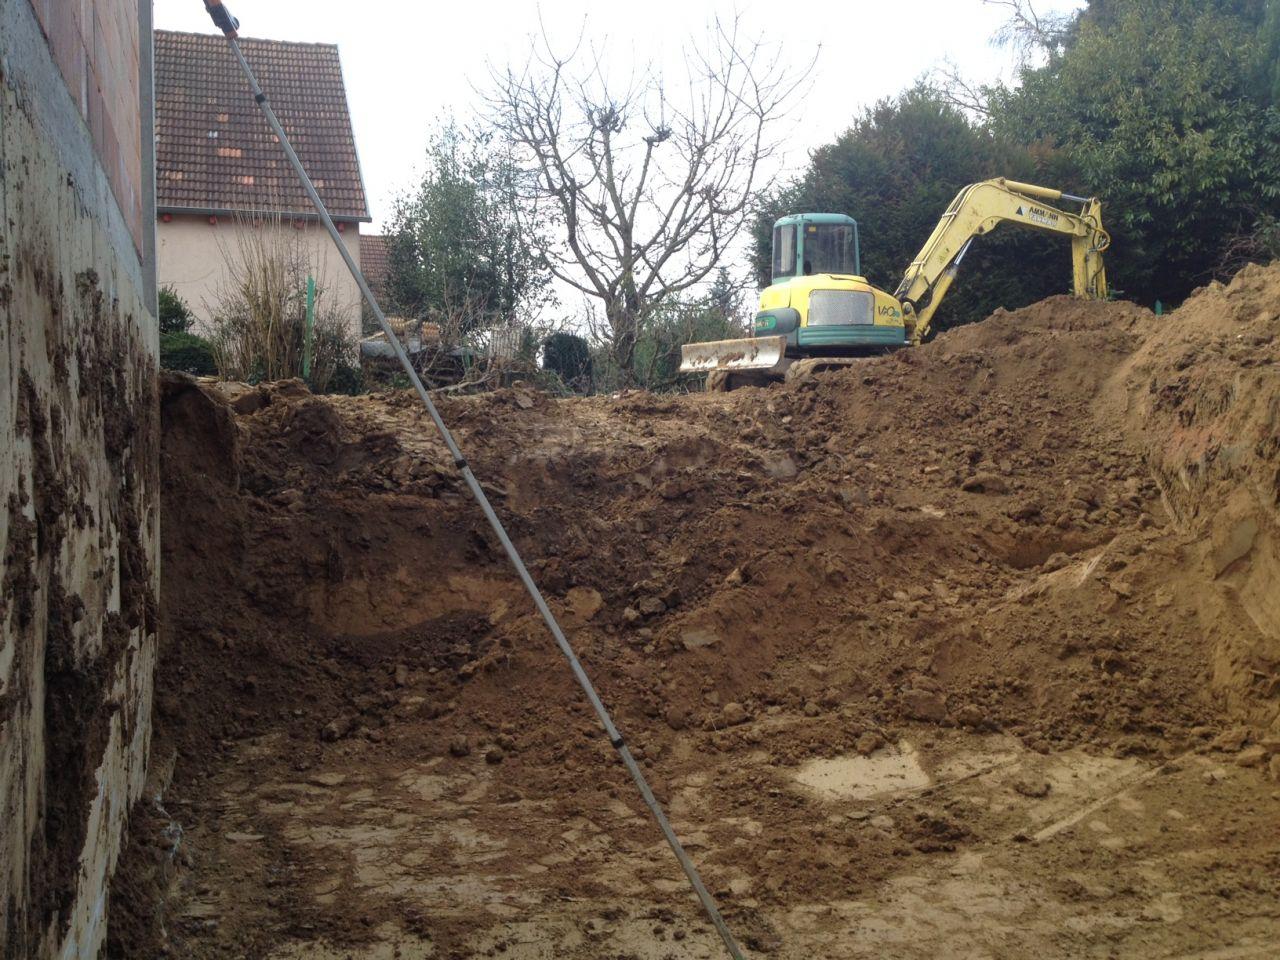 Début du terrassement (la maison à gauche de la photo est le projet mitoyen du voisin, en cours de construction égalemenent).